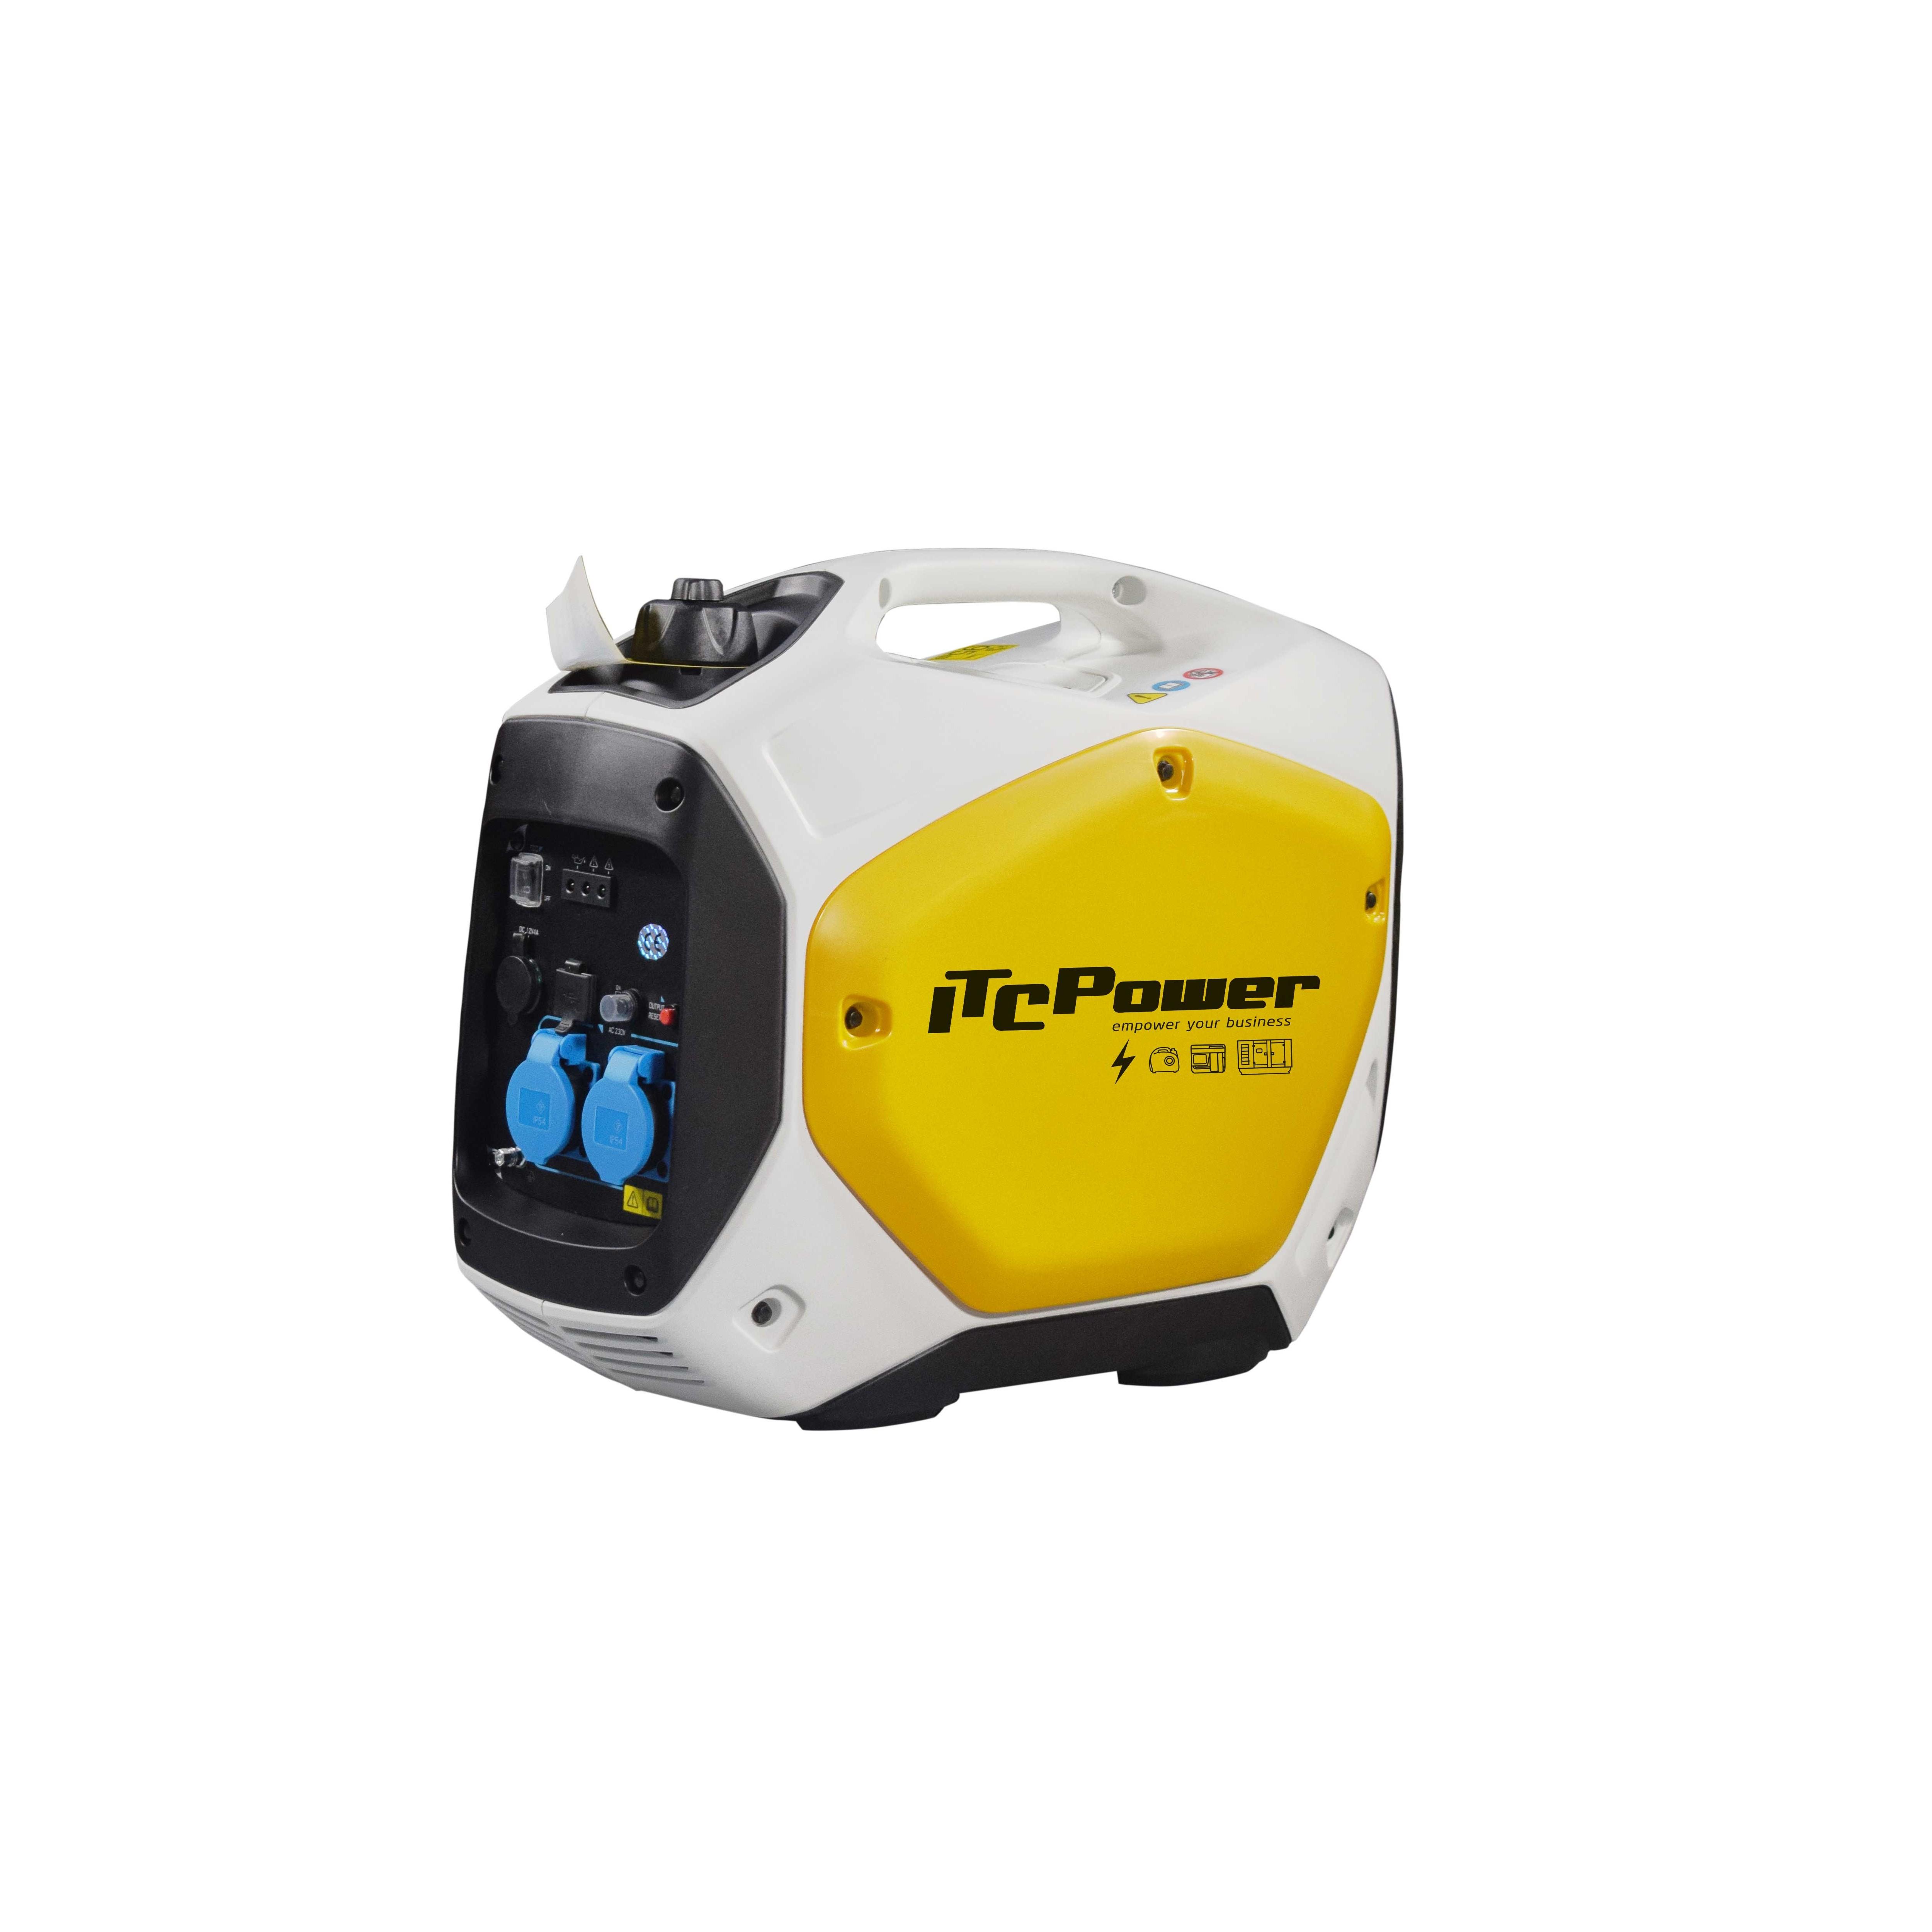 ITC POWER Inverter 2200 Watt Benzin GG22i Stromaggregat auch Werkzeuge